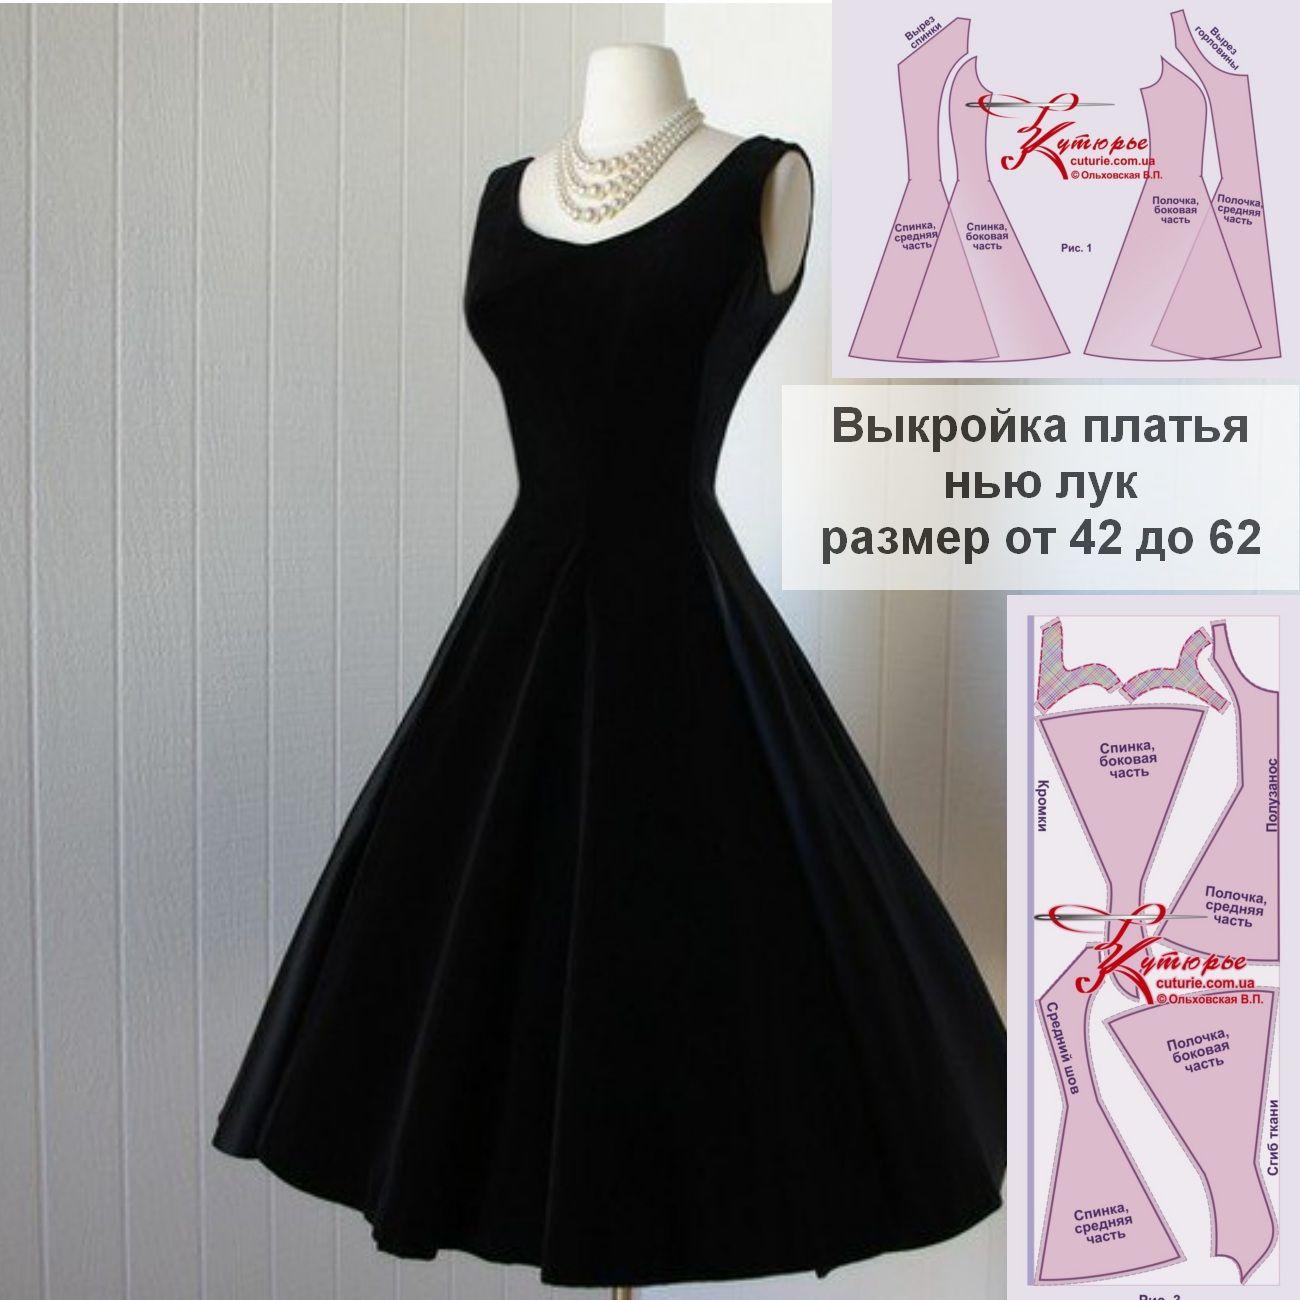 Сшить красивое платье фасоны купить льняные ткани в интернет магазине в москве